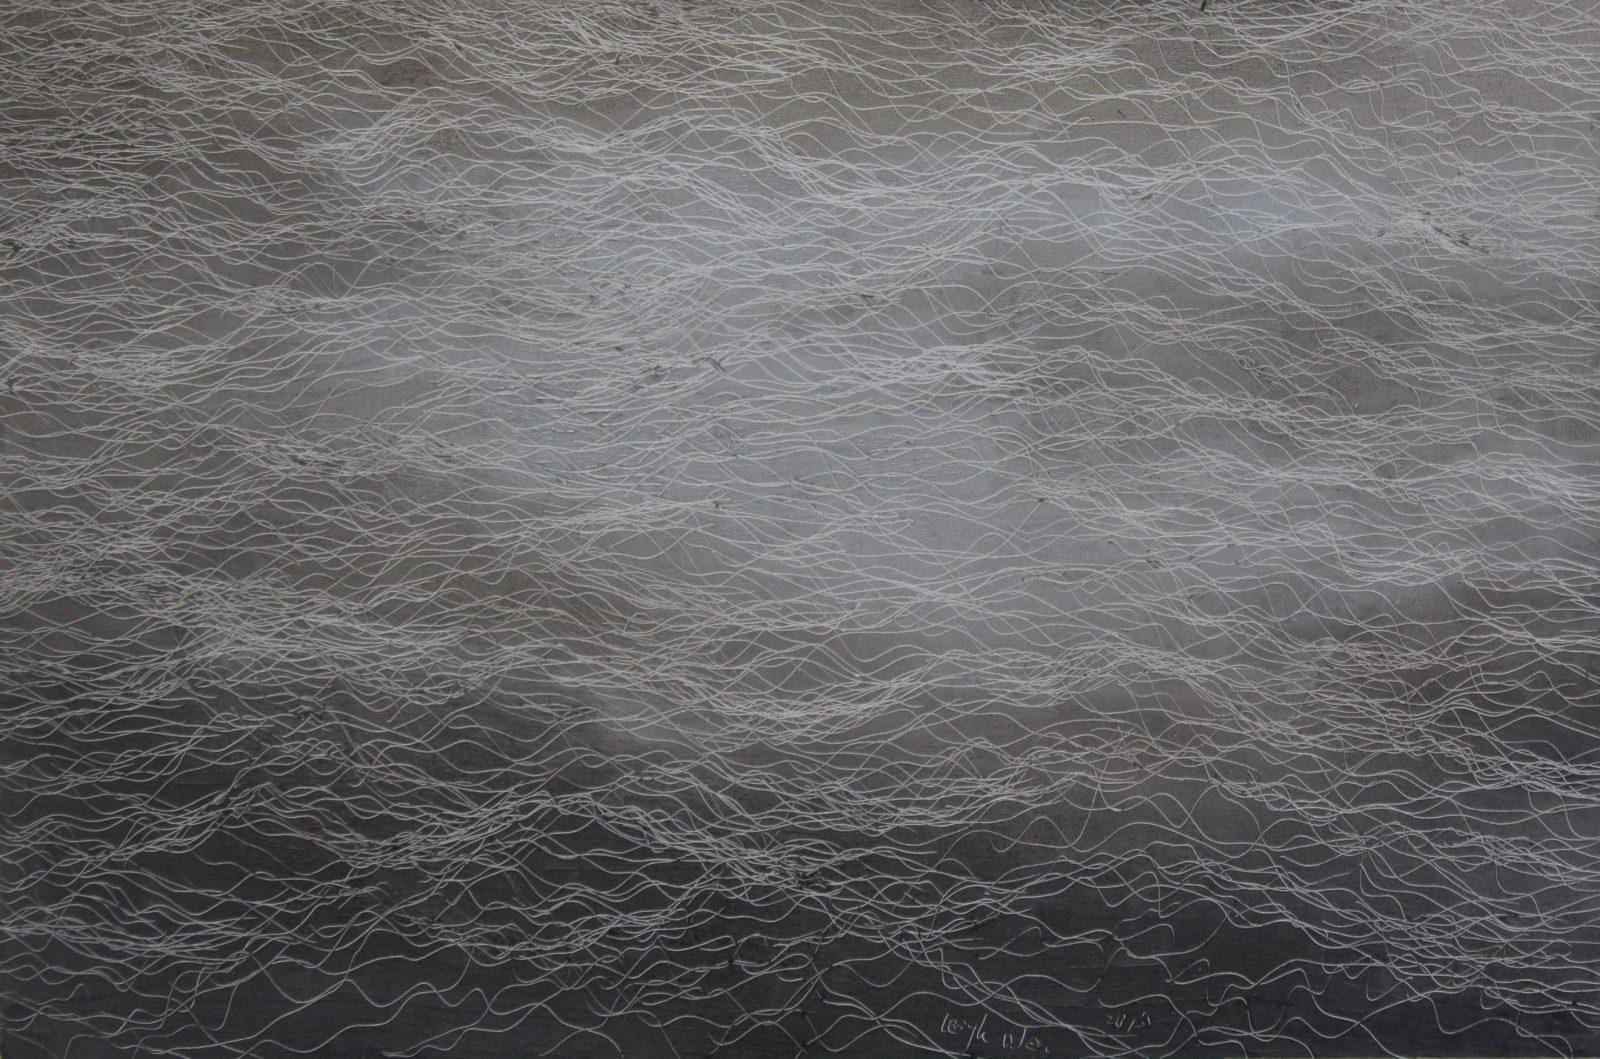 引徑-25, Side Track-25, 33 x 50, mixed media, 2015